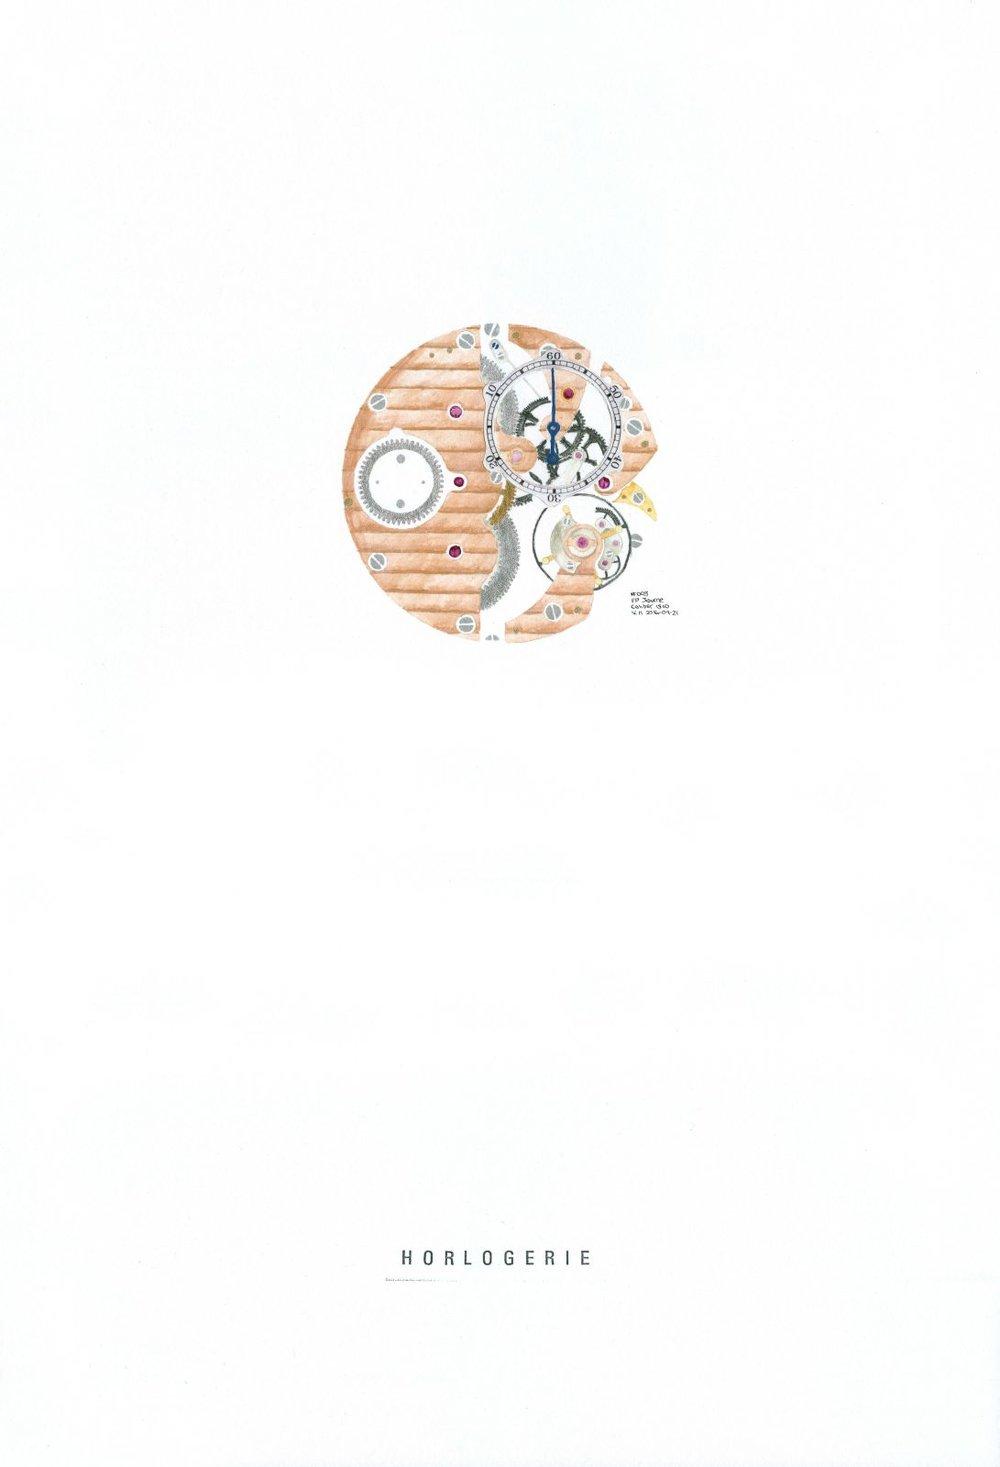 Horlogerie3-1091x1600.jpg